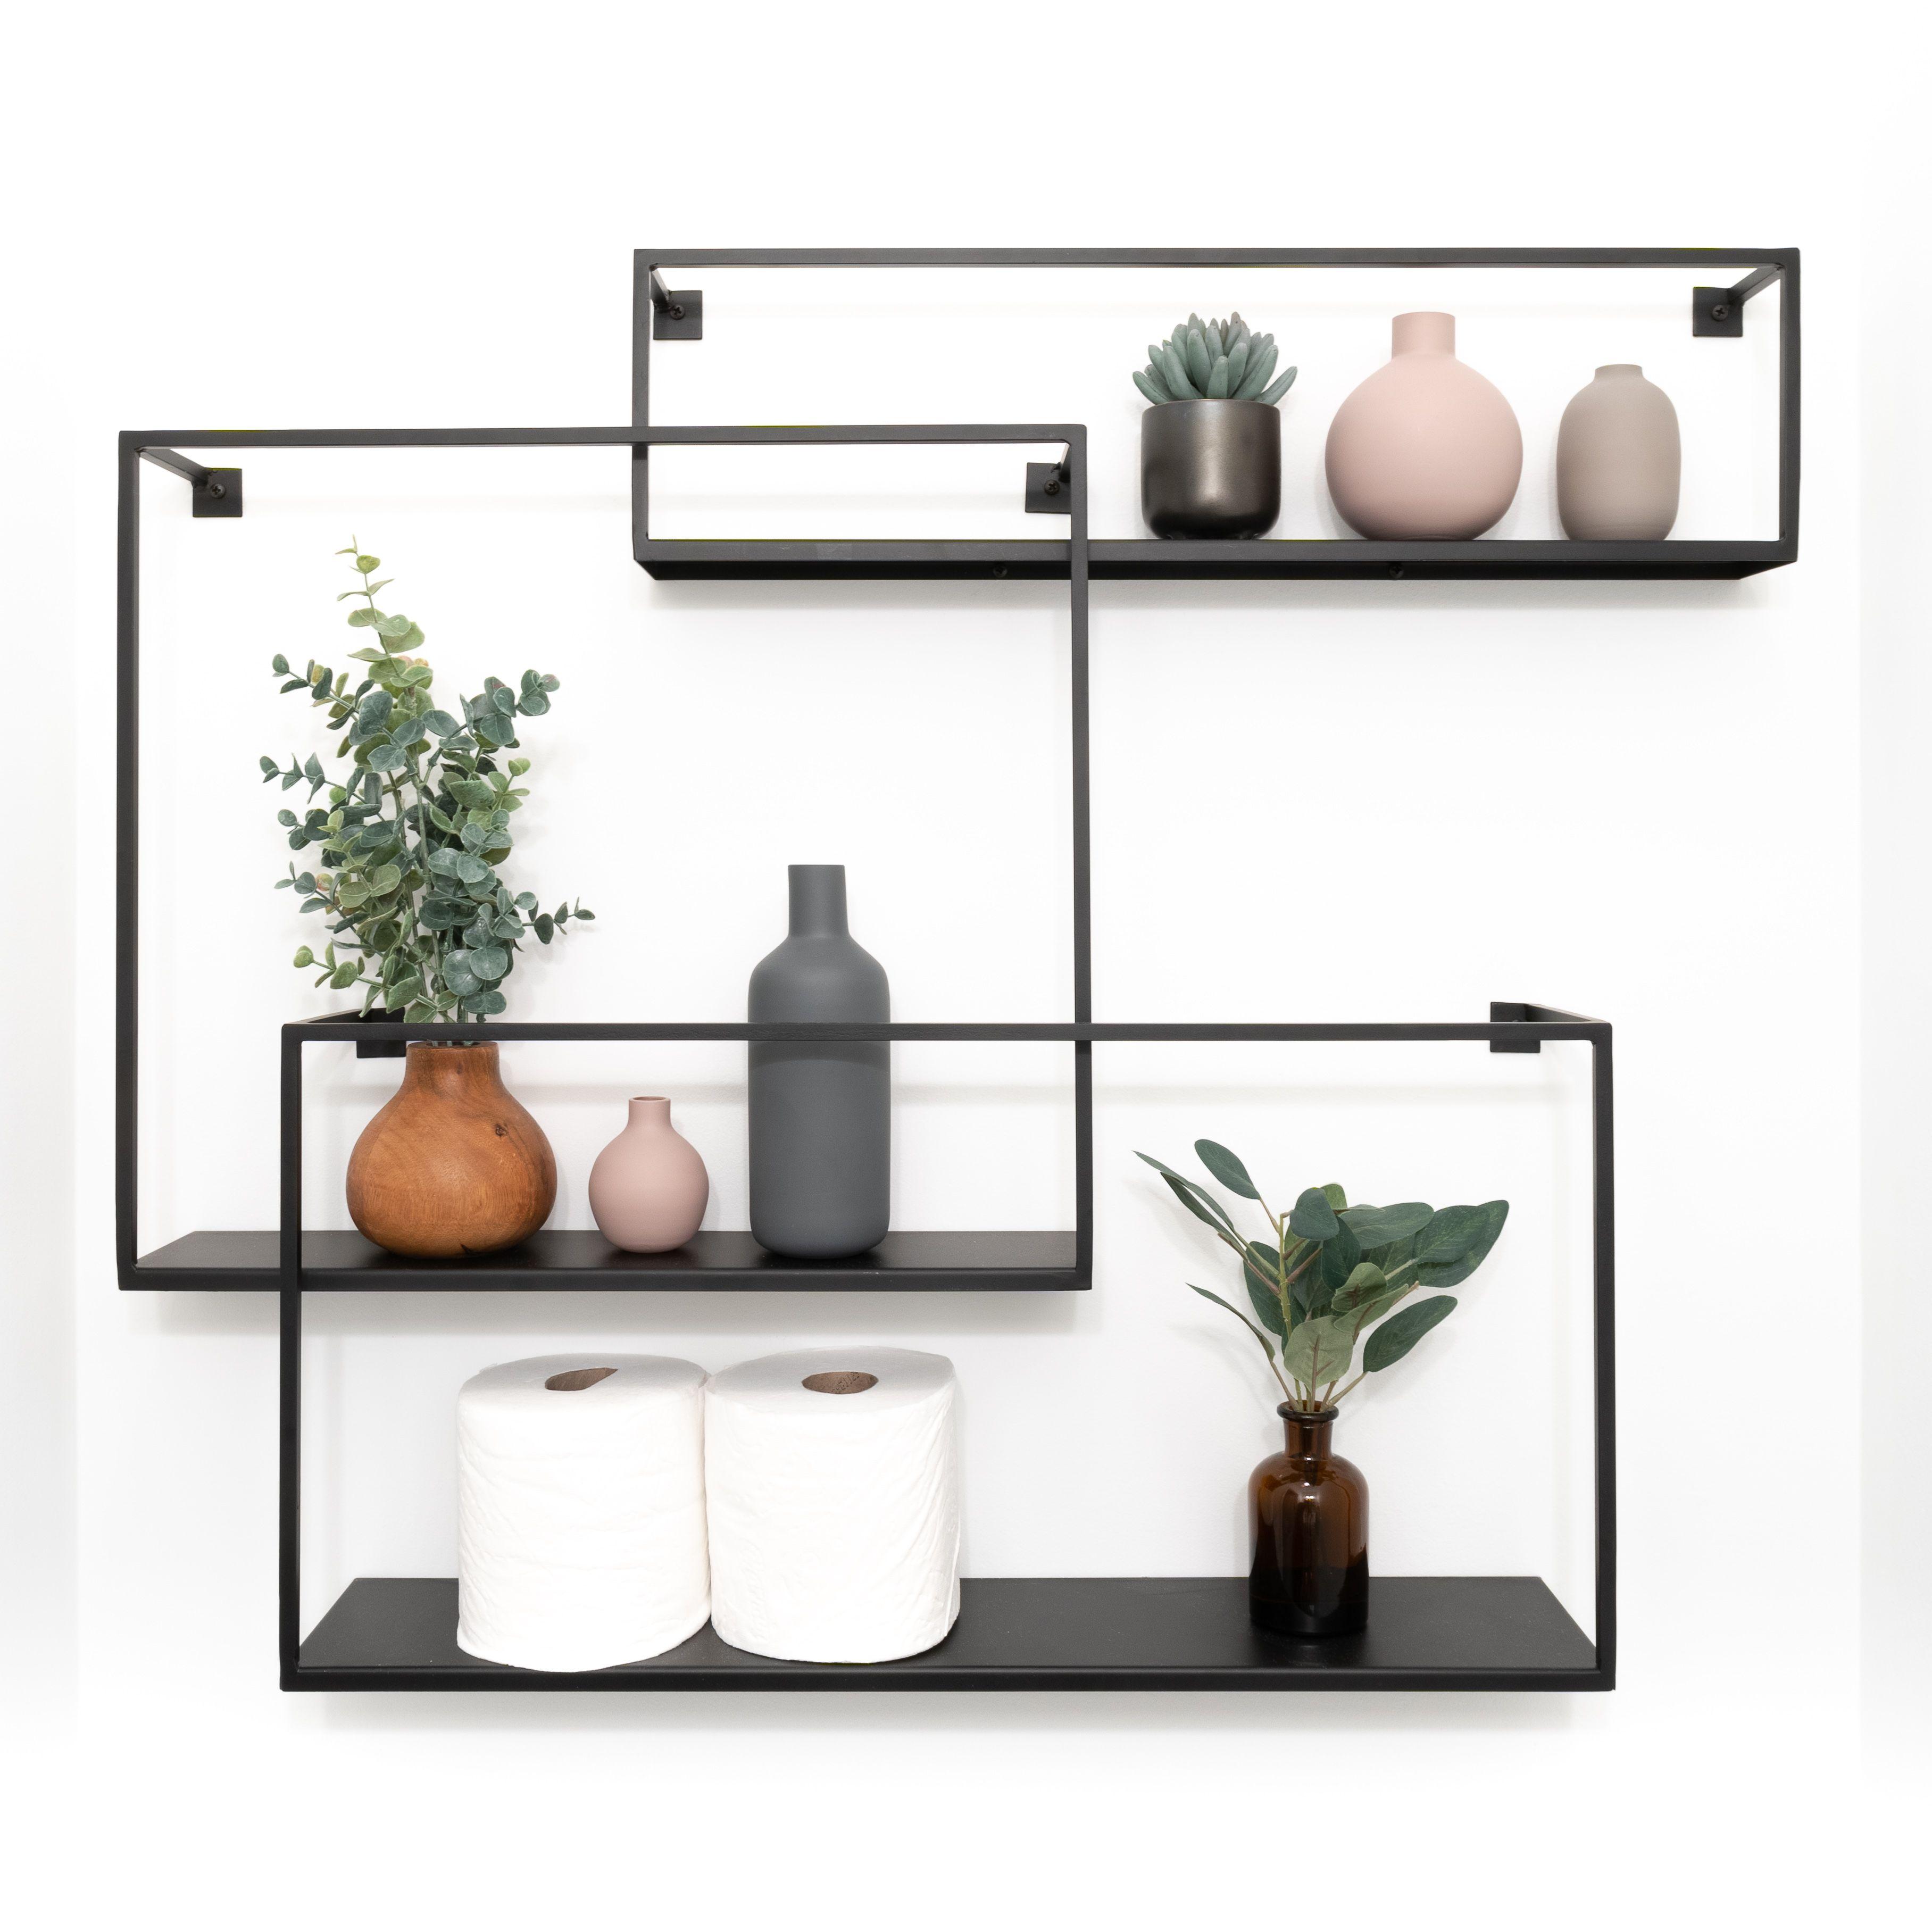 Matte Black Cb2 Floating Shelves Powder Room Modern Shelf Decor